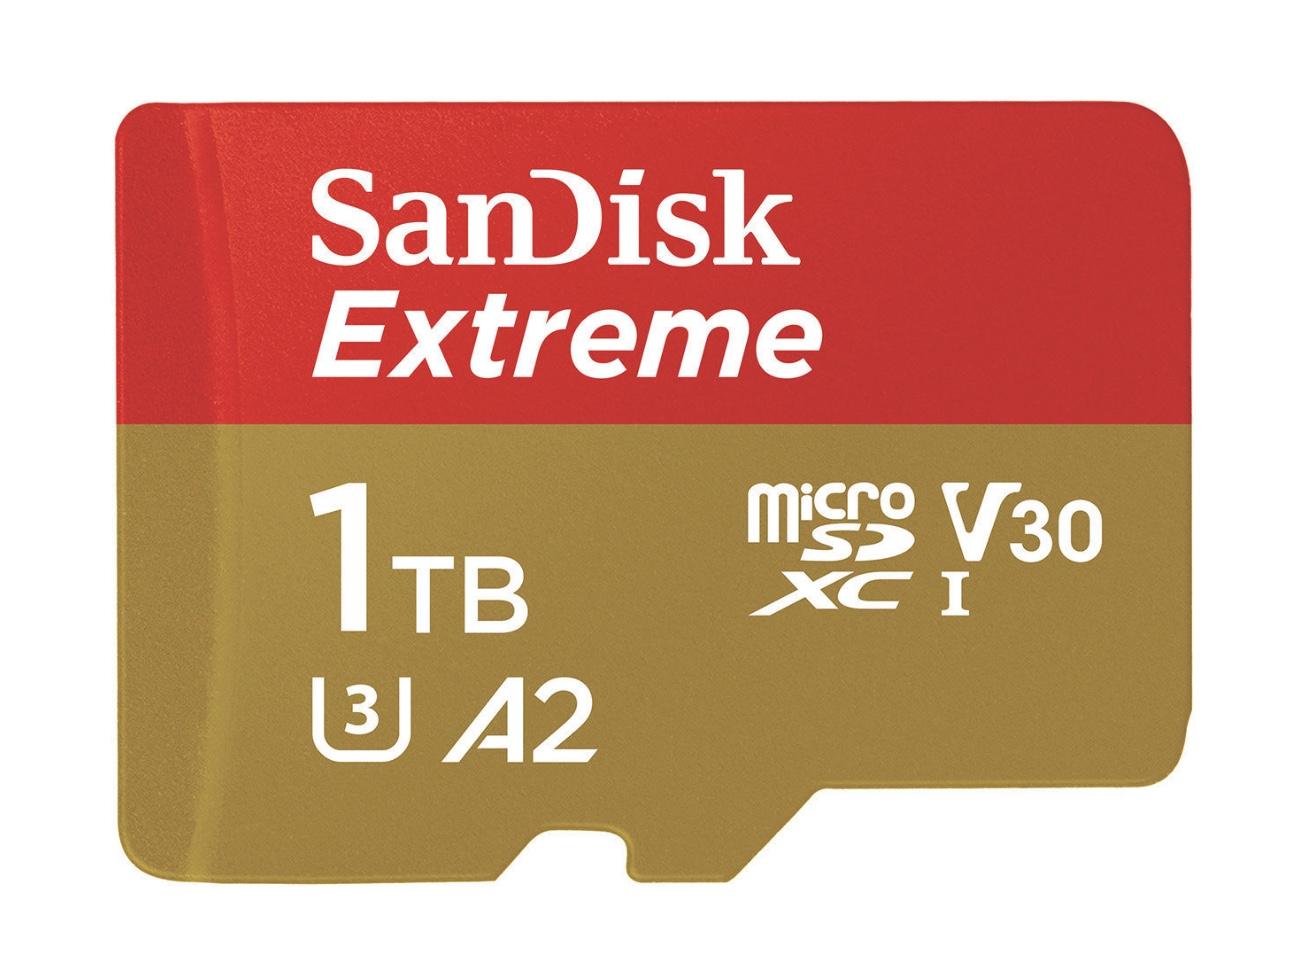 データ容量気にせず4Kビデオをたっぷり撮れる! SanDiskが1TBカード発売